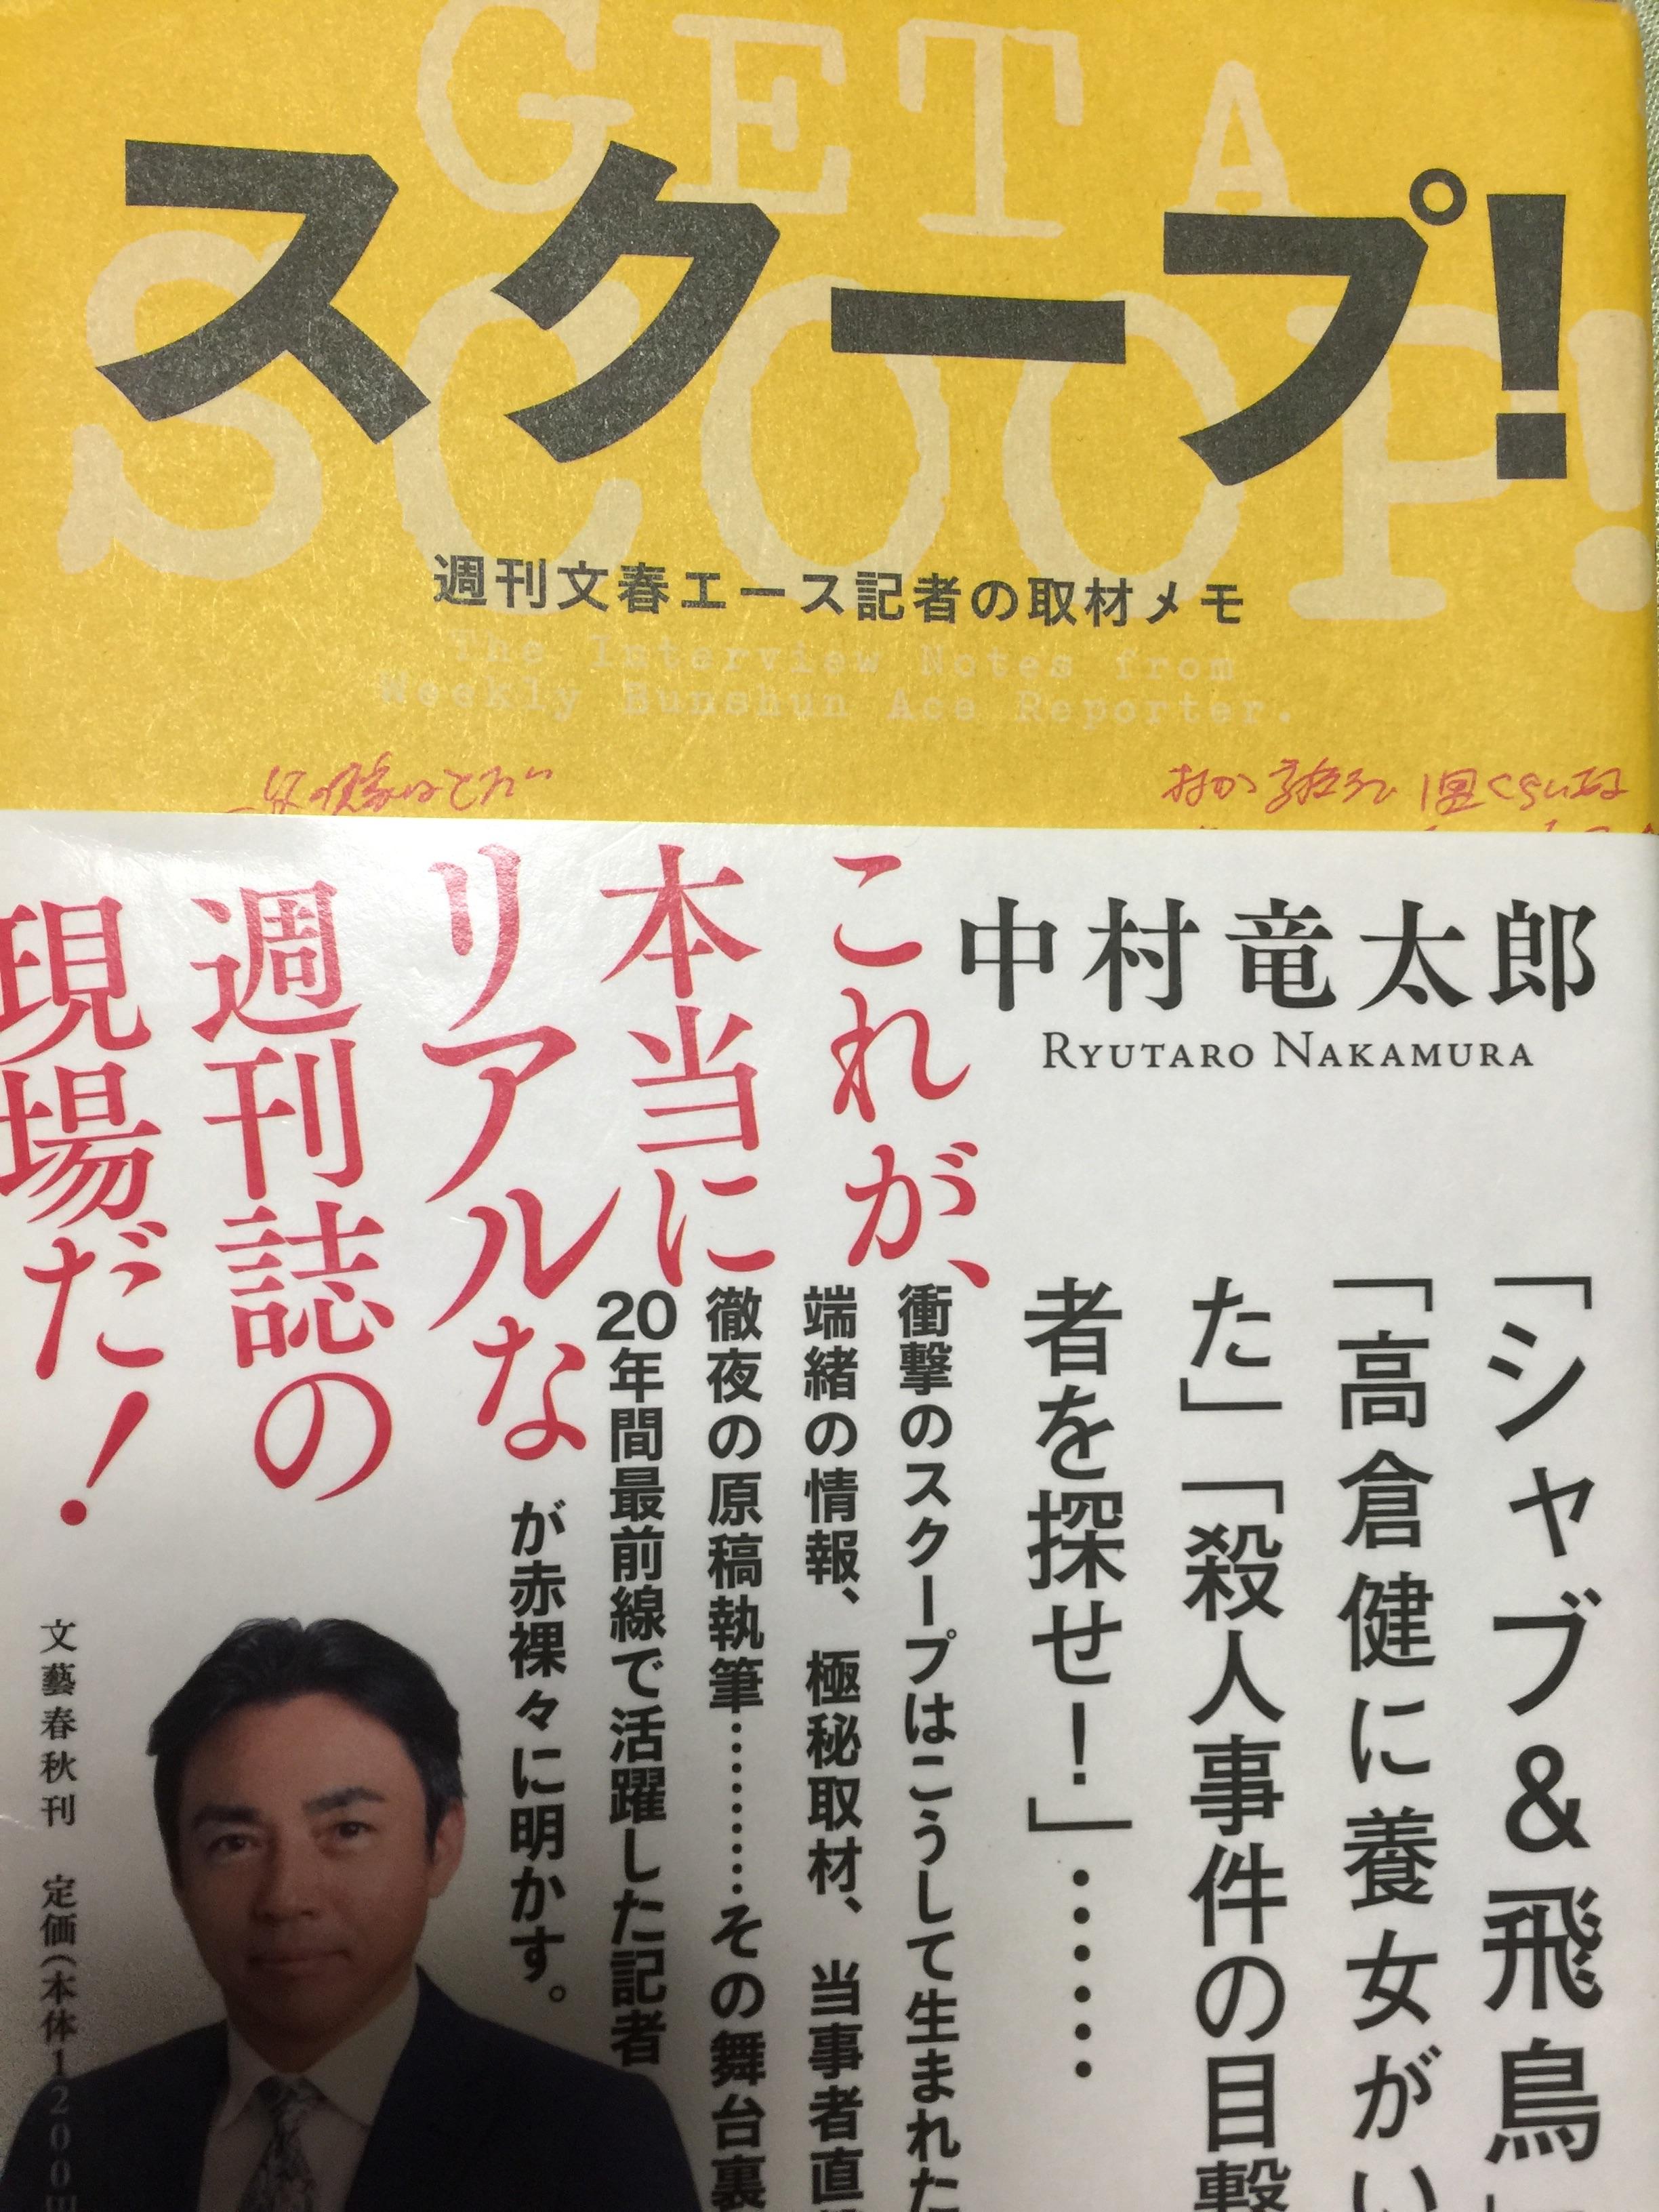 『スクープ 週刊文春エース記者の取材メモ』 表紙 装丁 中村竜太郎